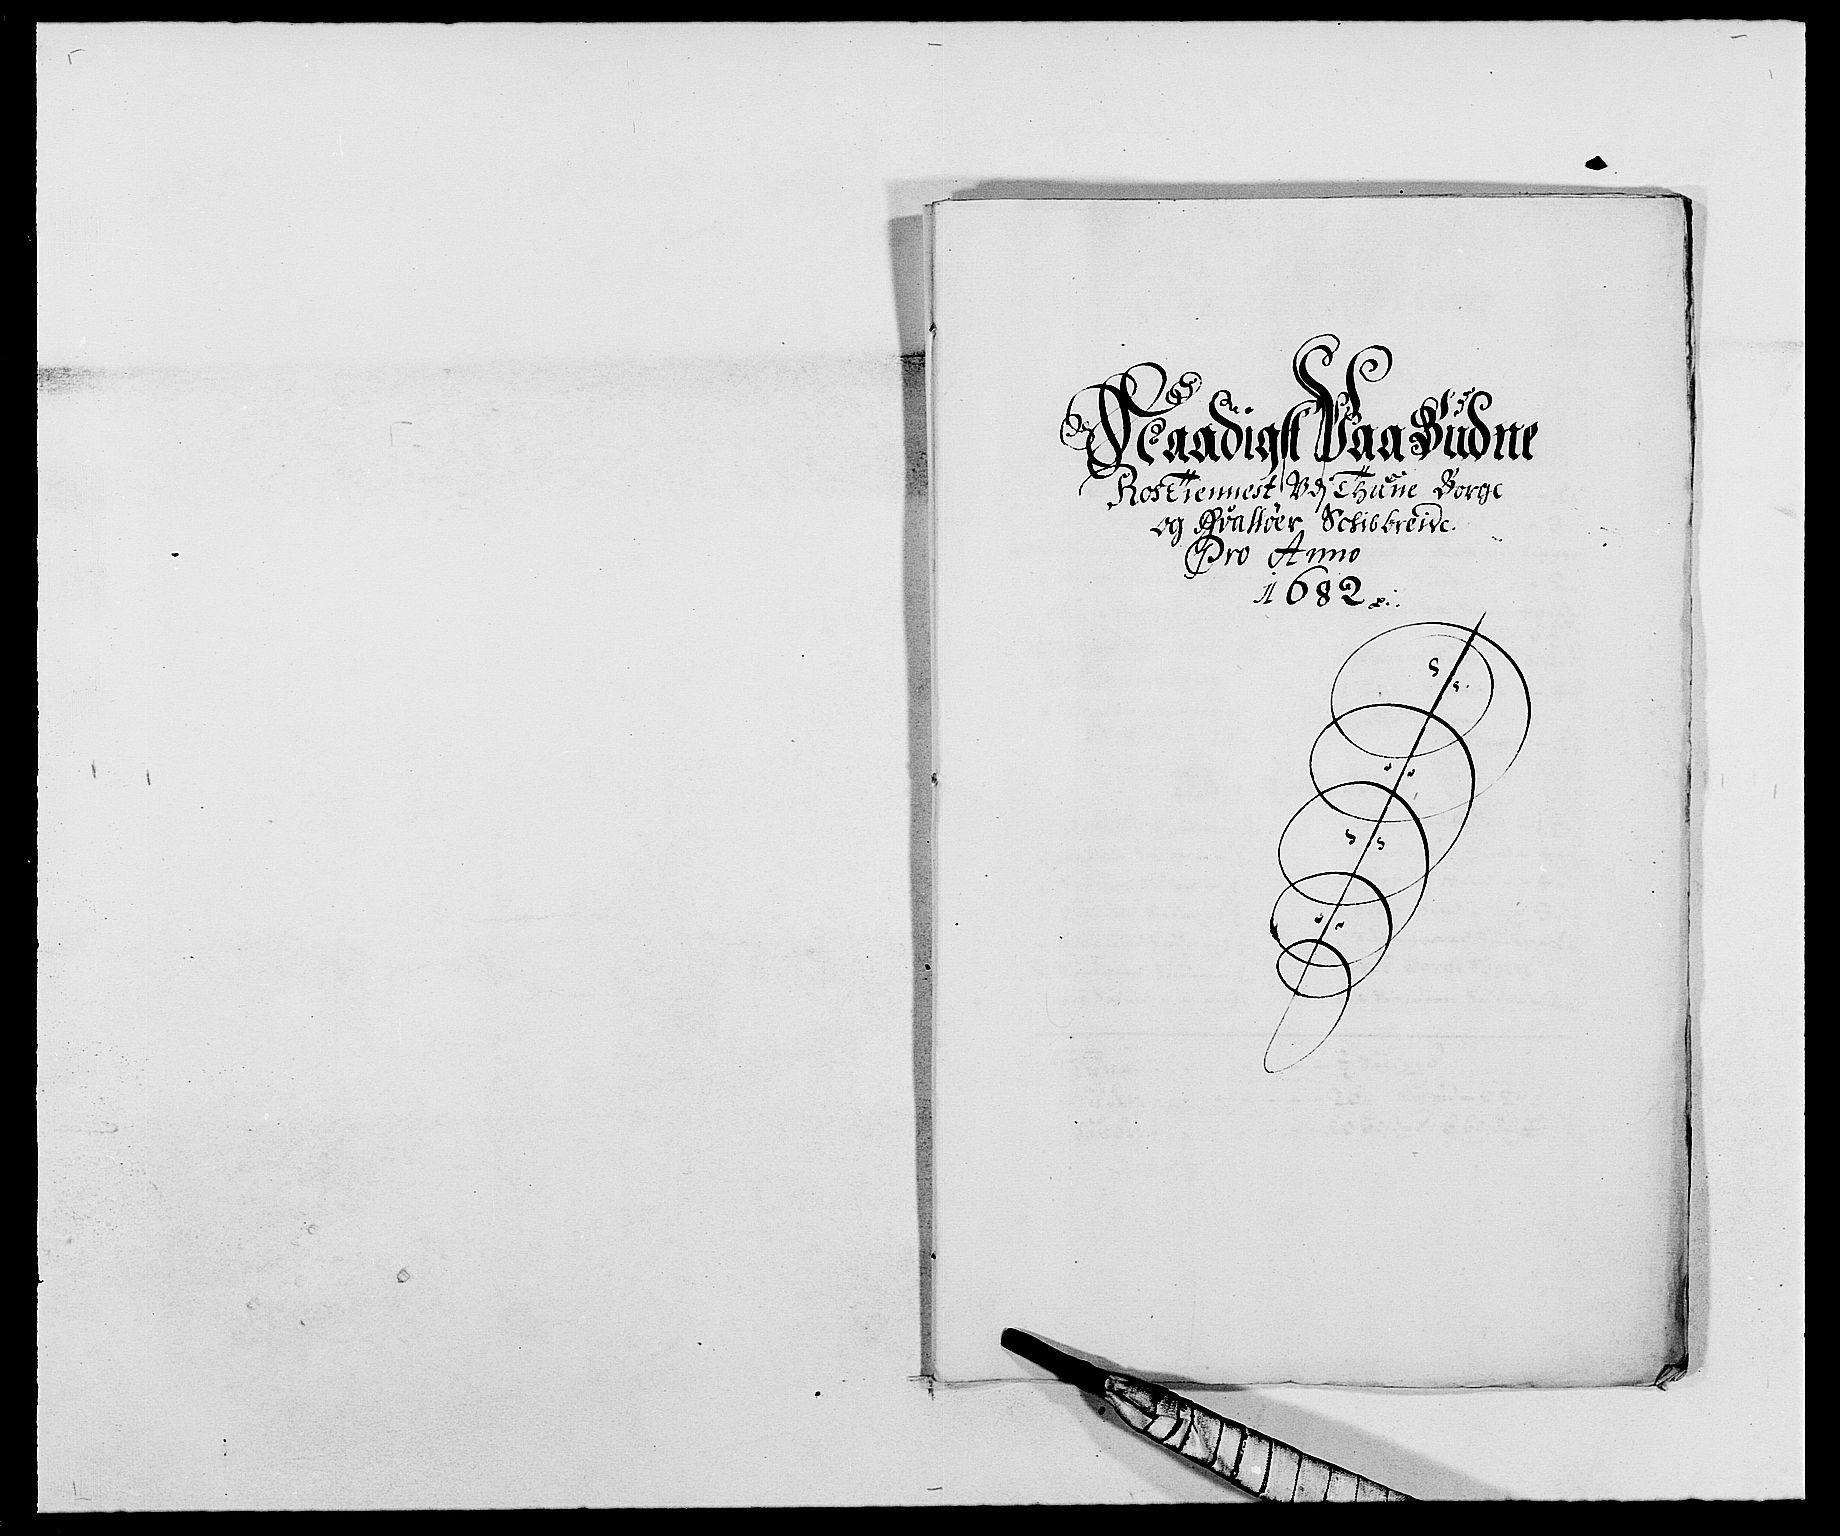 RA, Rentekammeret inntil 1814, Reviderte regnskaper, Fogderegnskap, R03/L0114: Fogderegnskap Onsøy, Tune, Veme og Åbygge fogderi, 1678-1683, s. 310